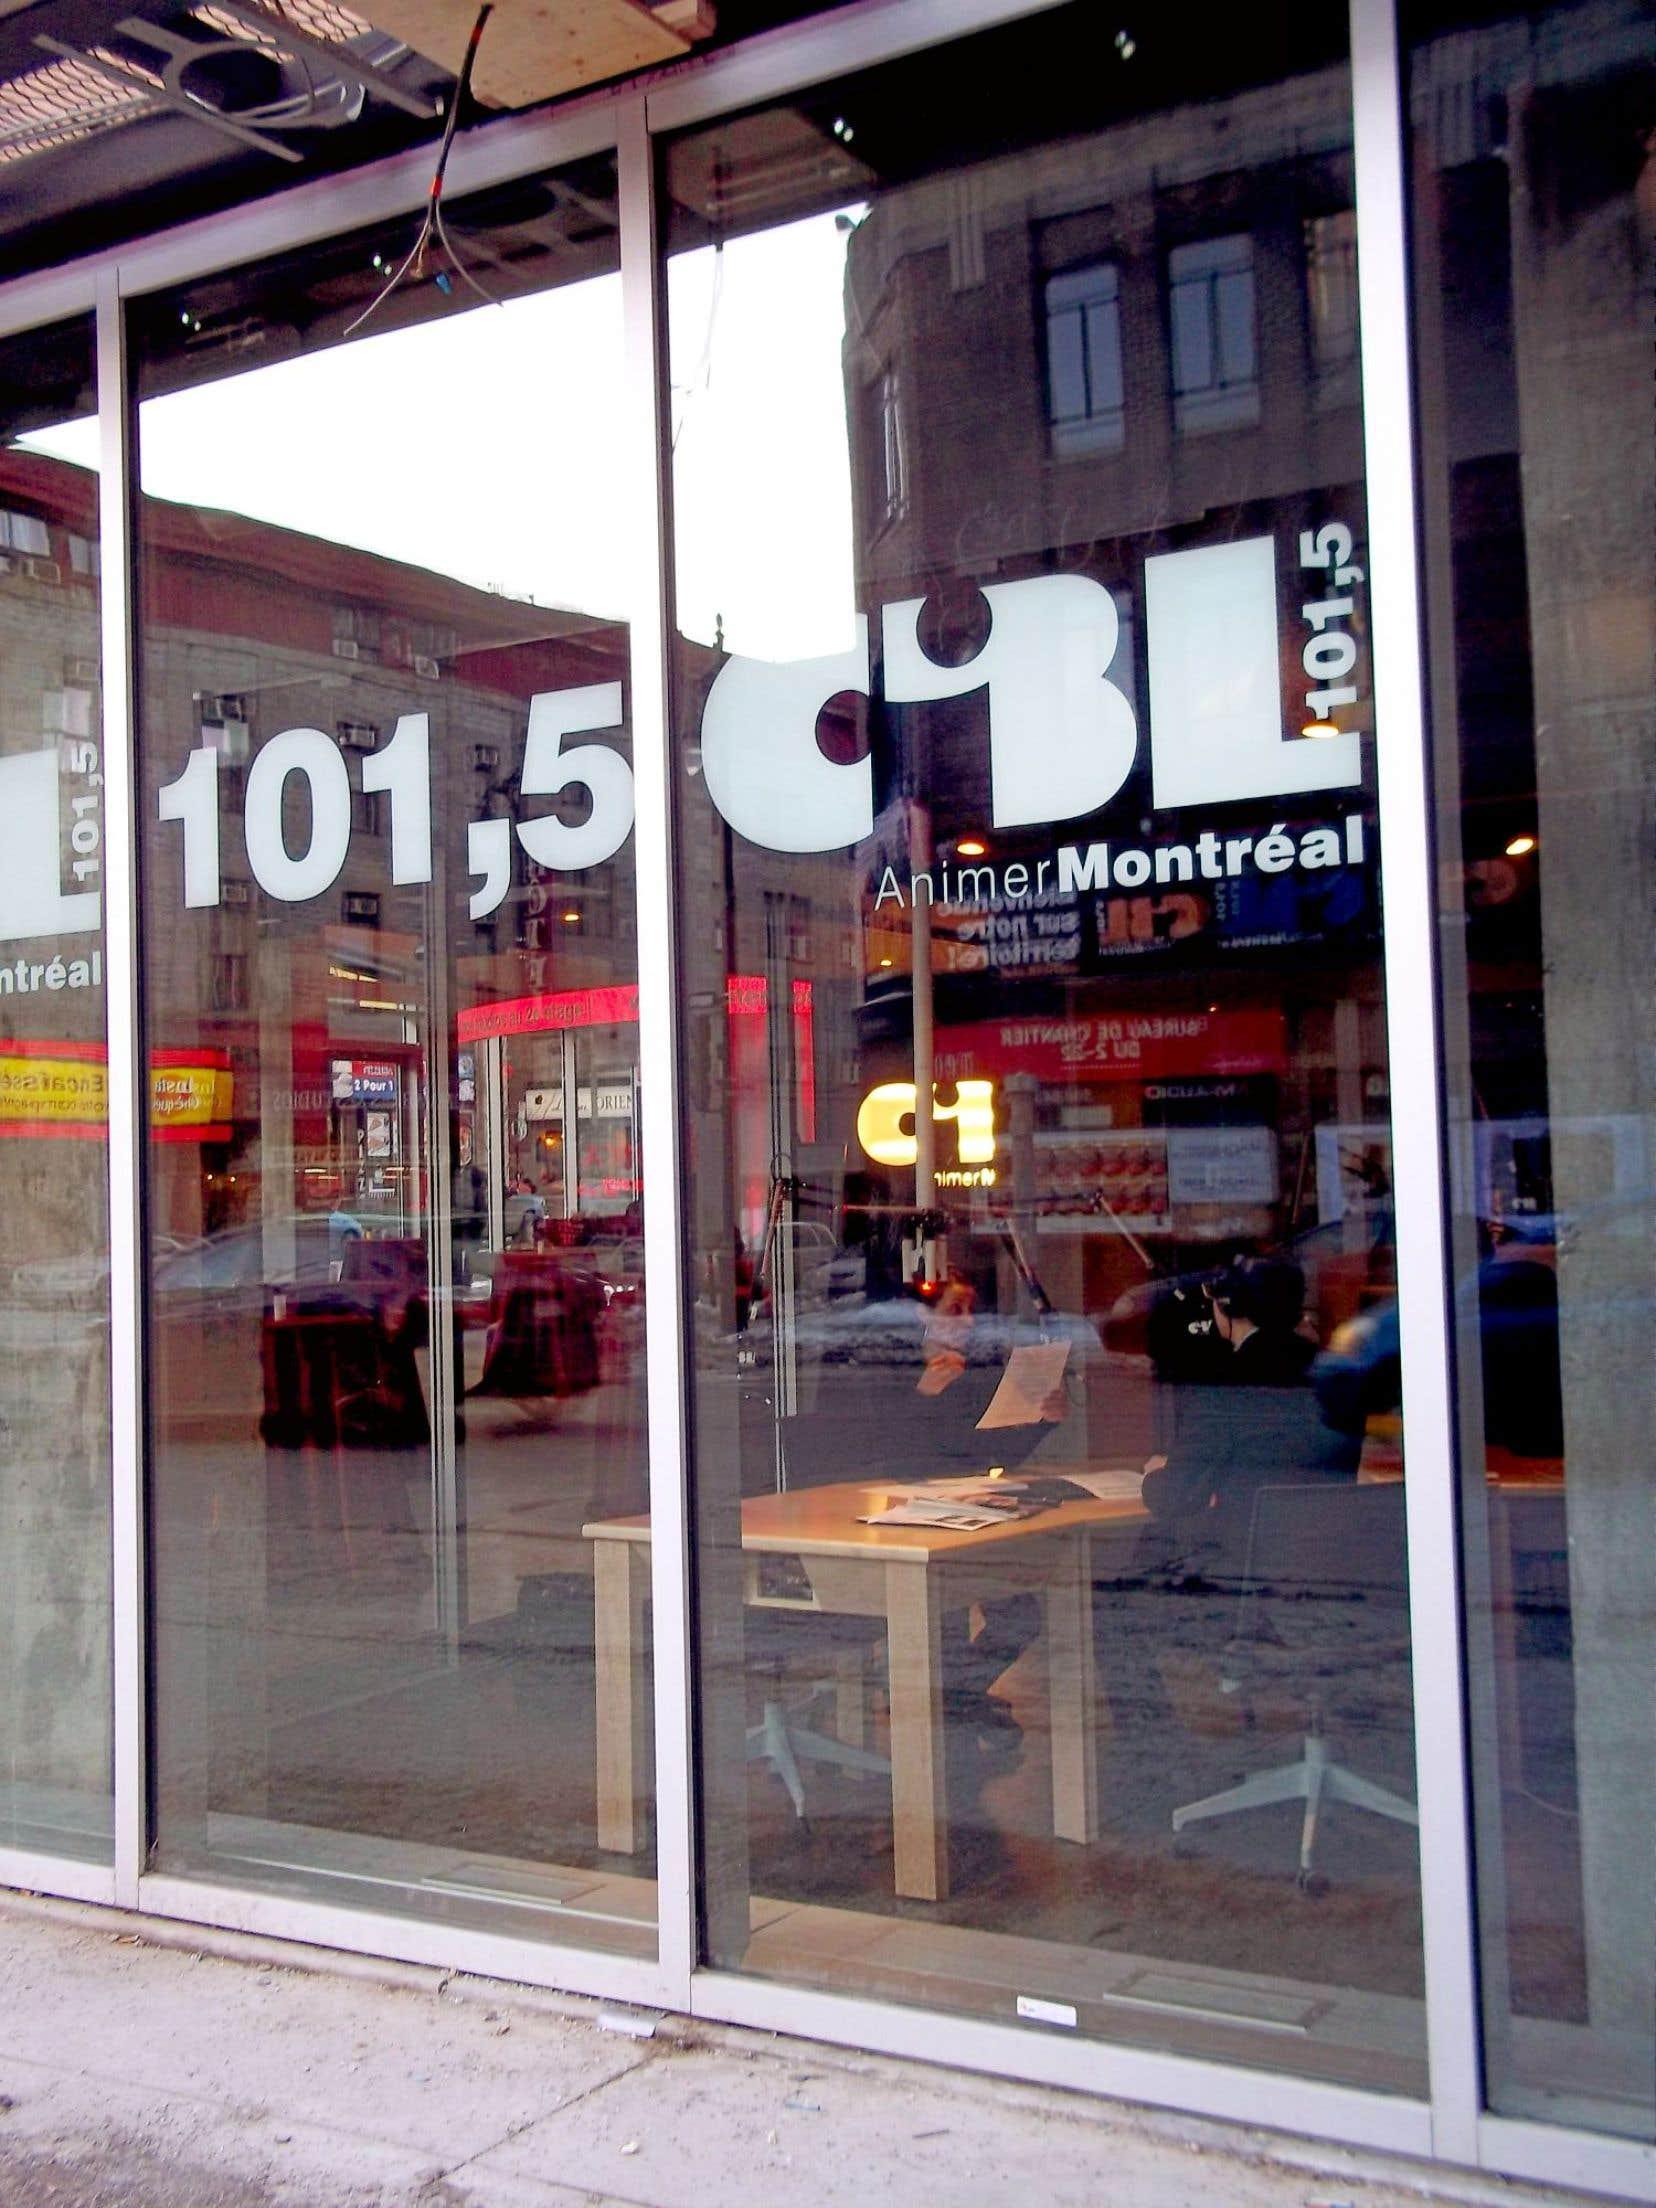 CIBL compte toujours près de 150 bénévoles, mais peut-être pas les mêmes qu'avant son arrivée en scène.